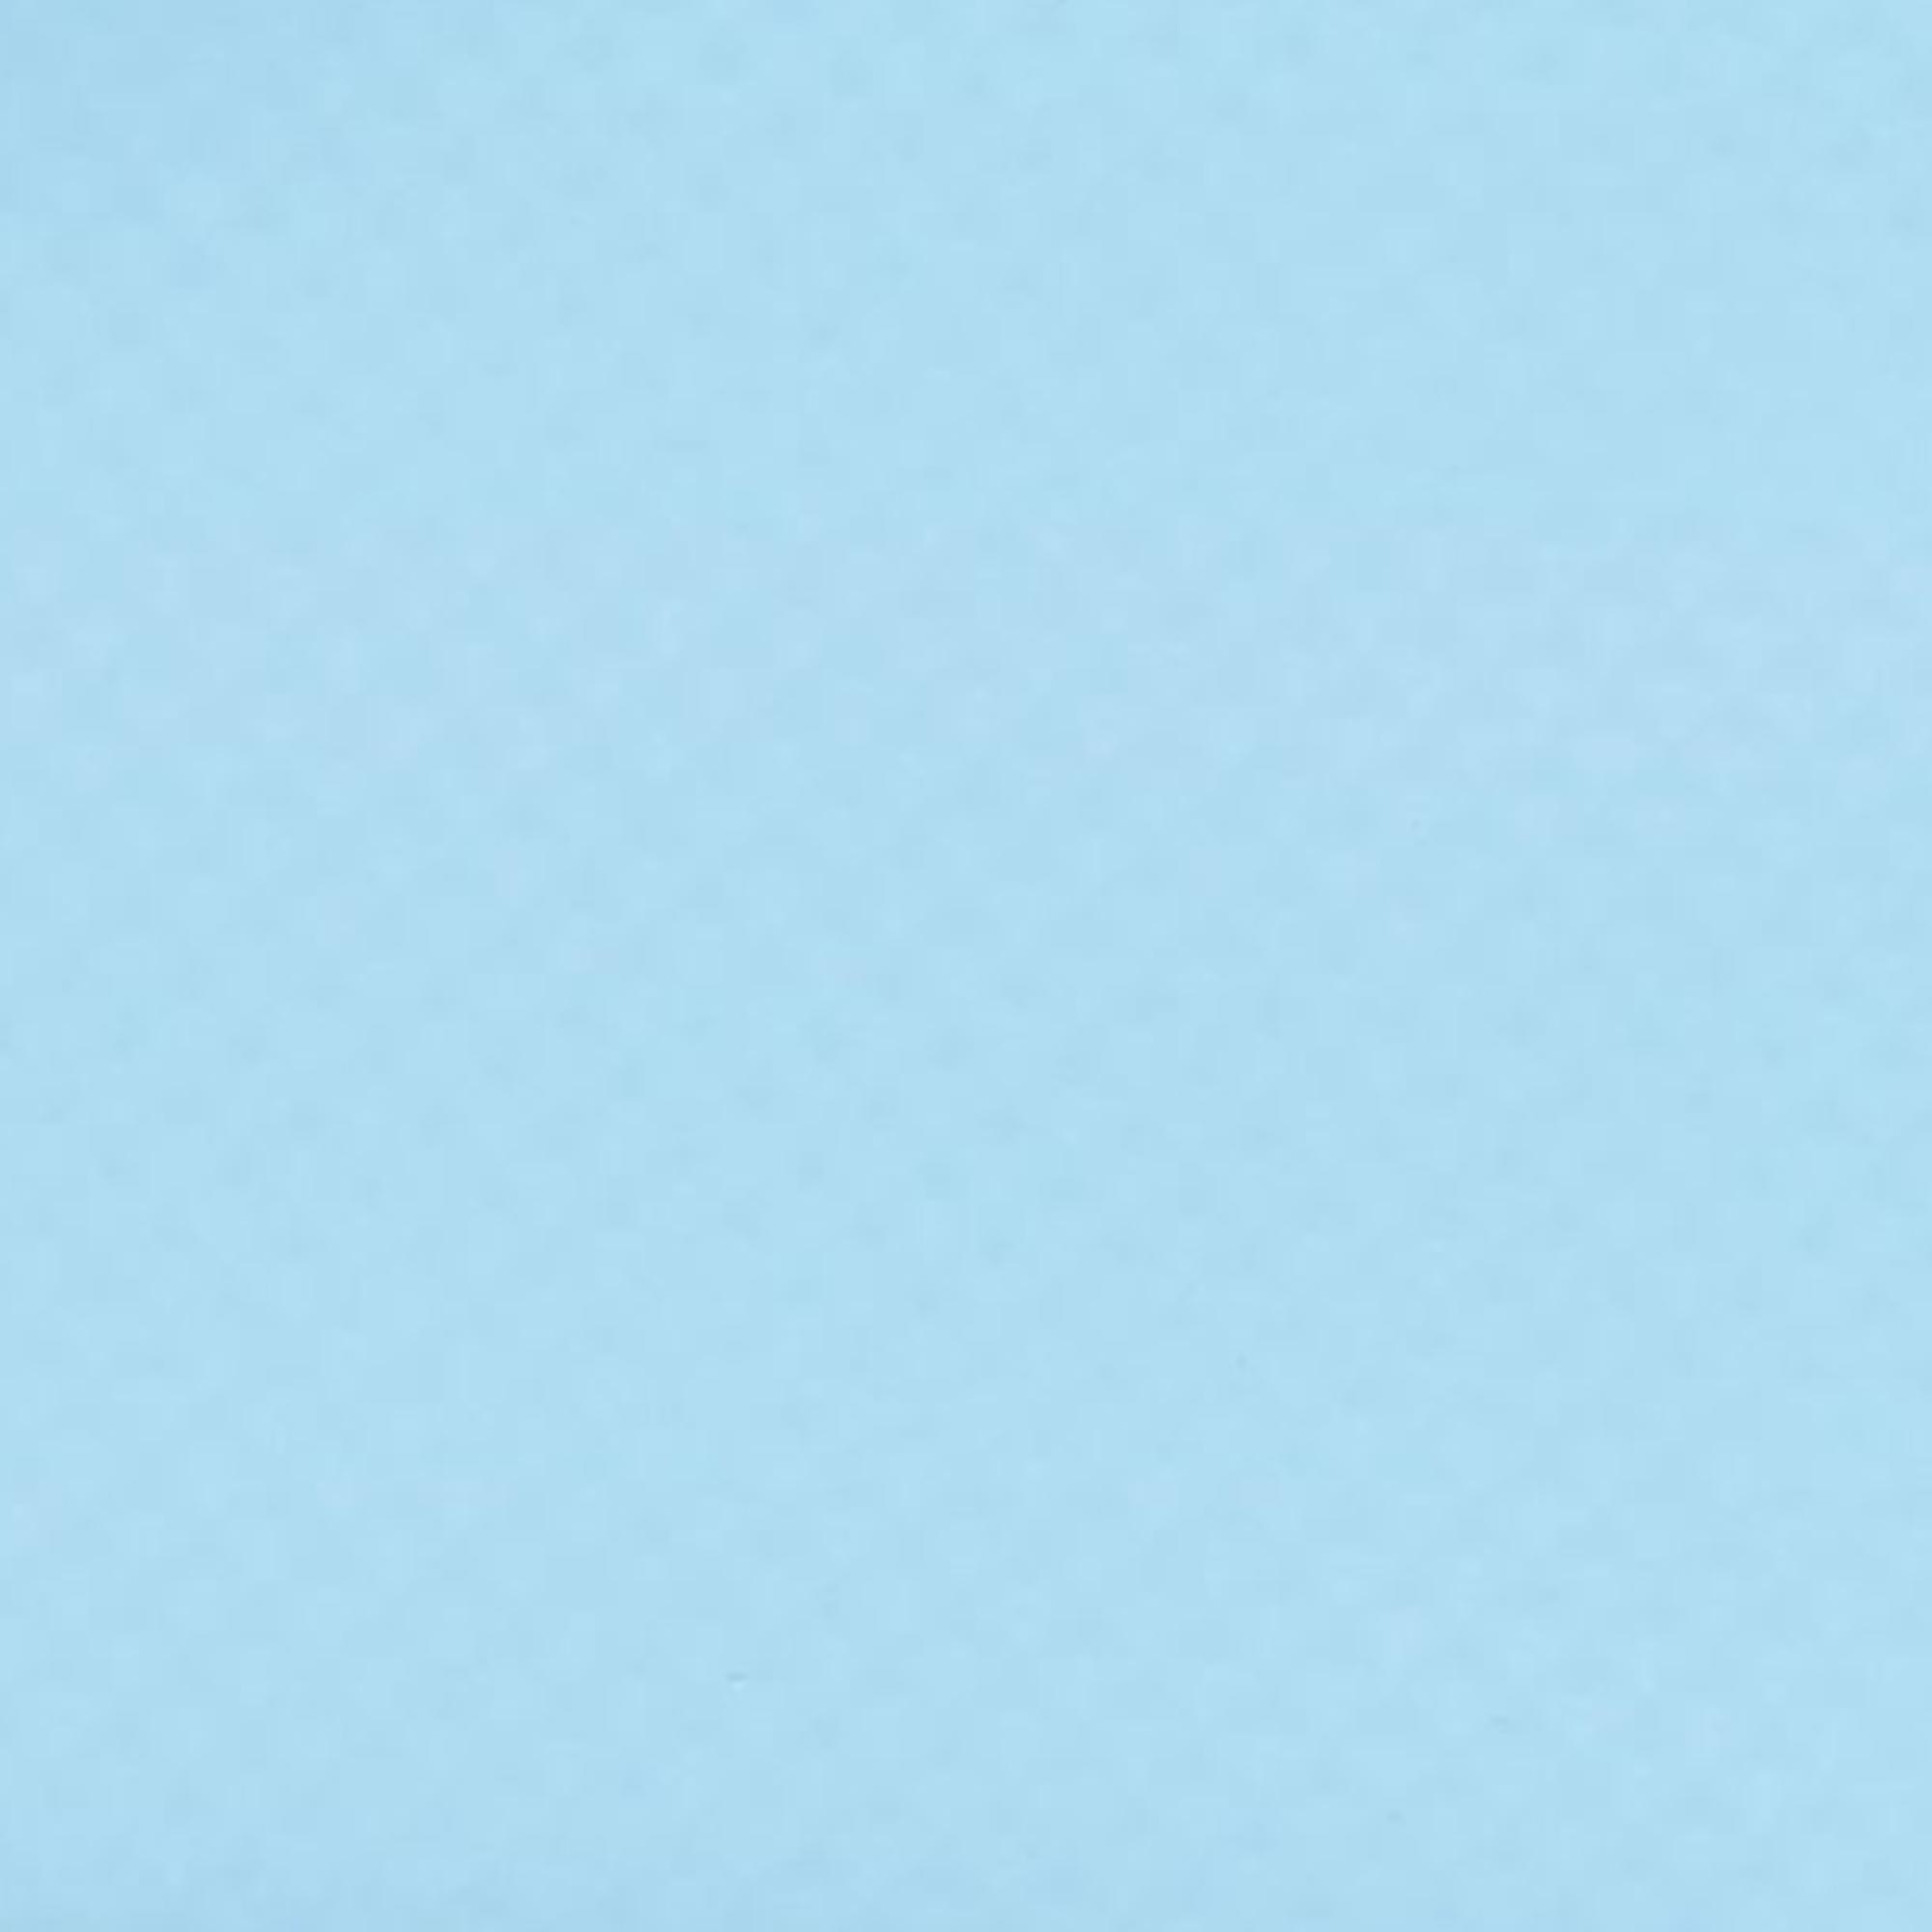 Bazénová fólie z PVC-P ALKORPLAN světle modrá 1,5 mm, šíře 1,65 m